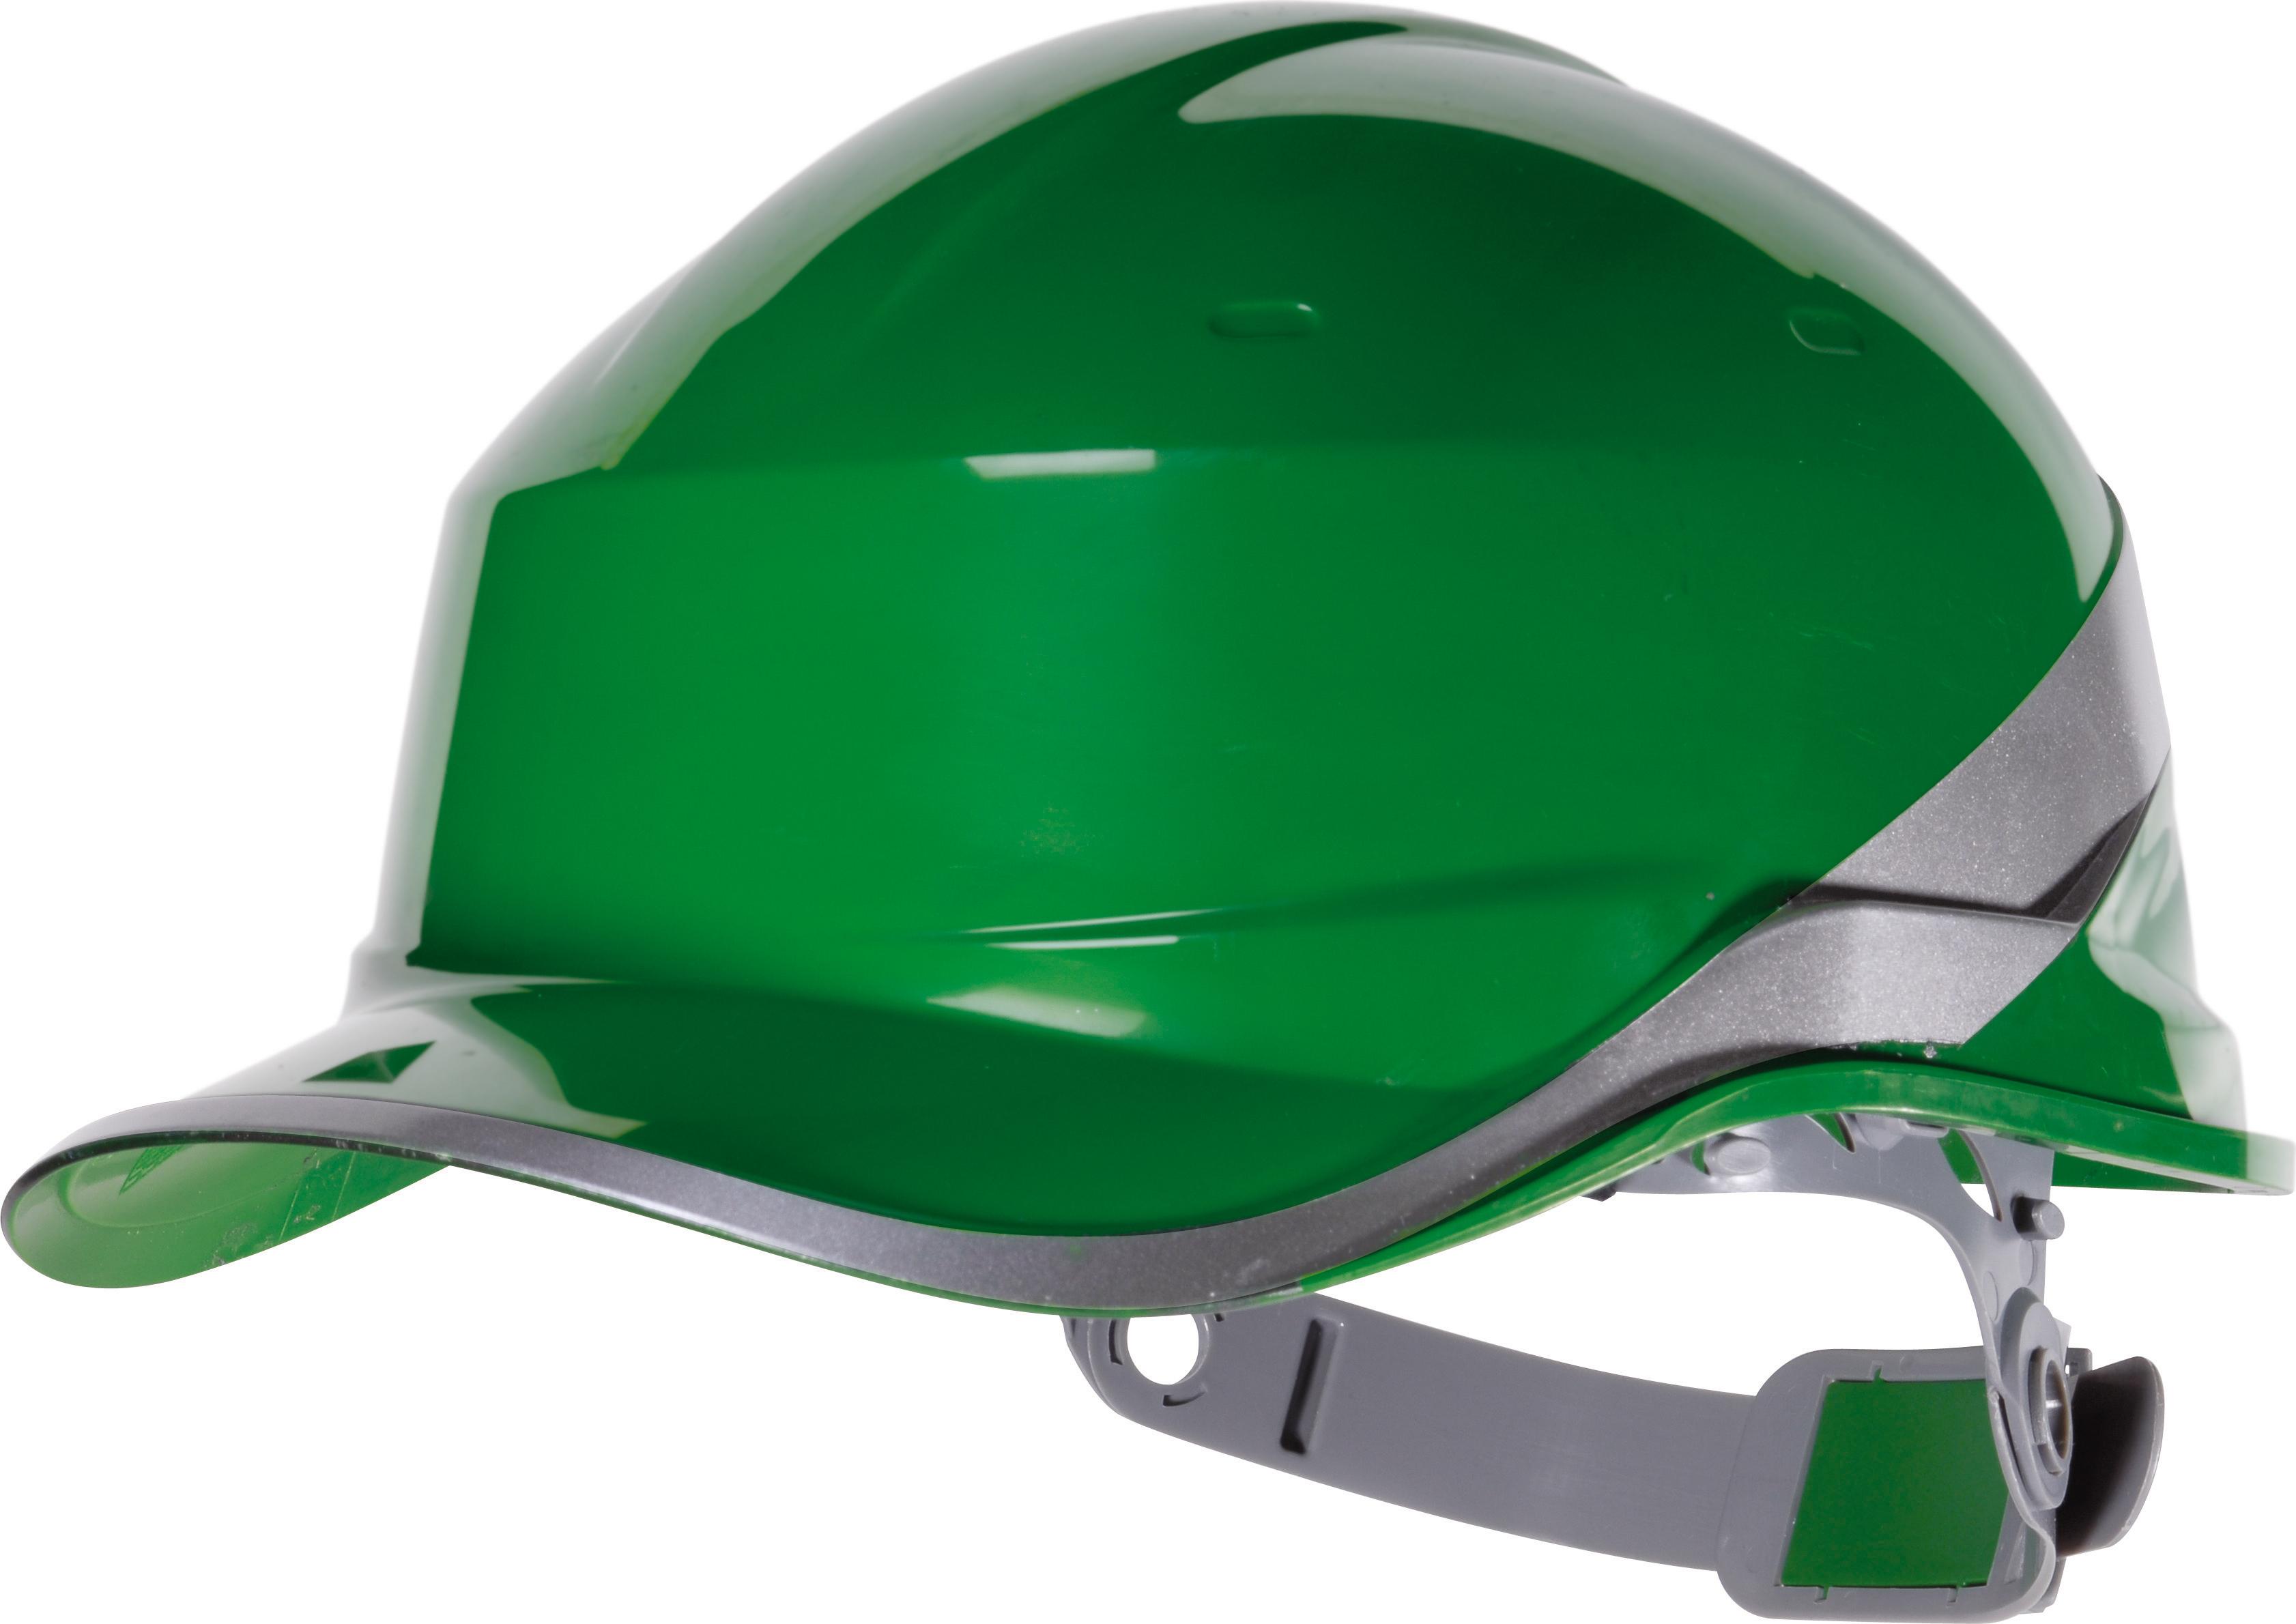 Venitex Diamond V Safety Helmet